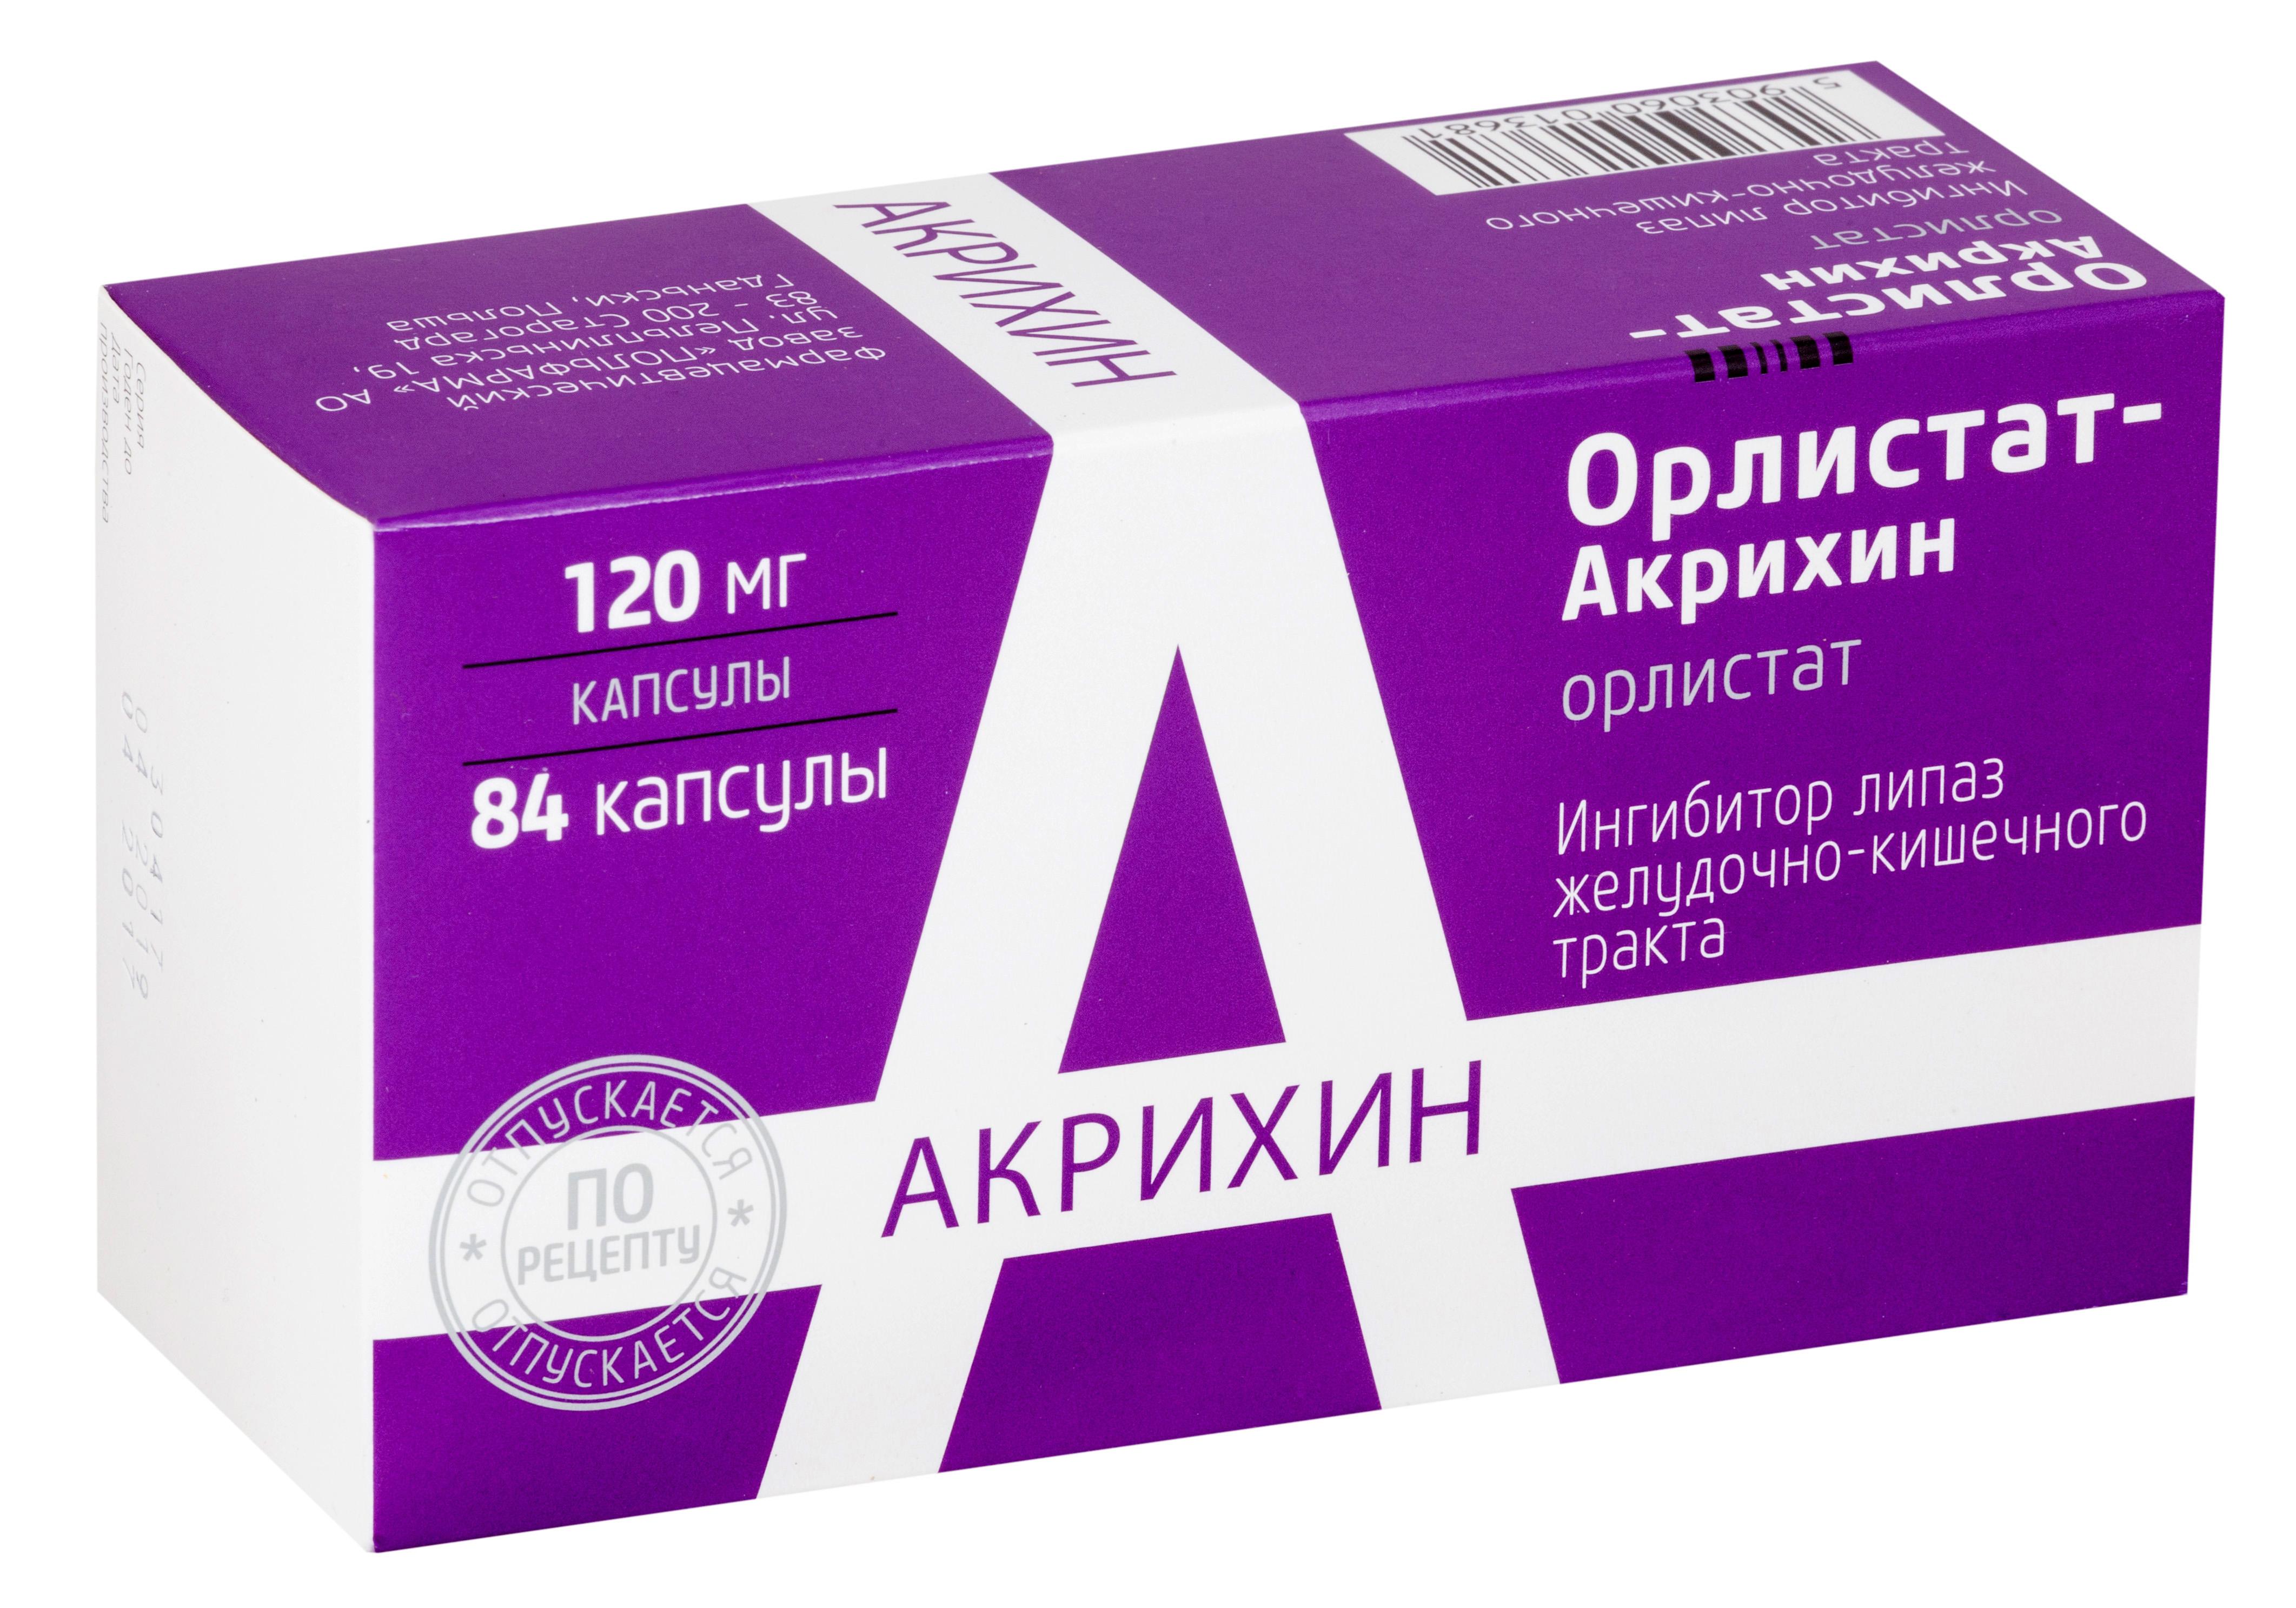 Орлистат-Акрихин капс. 120 мг №84